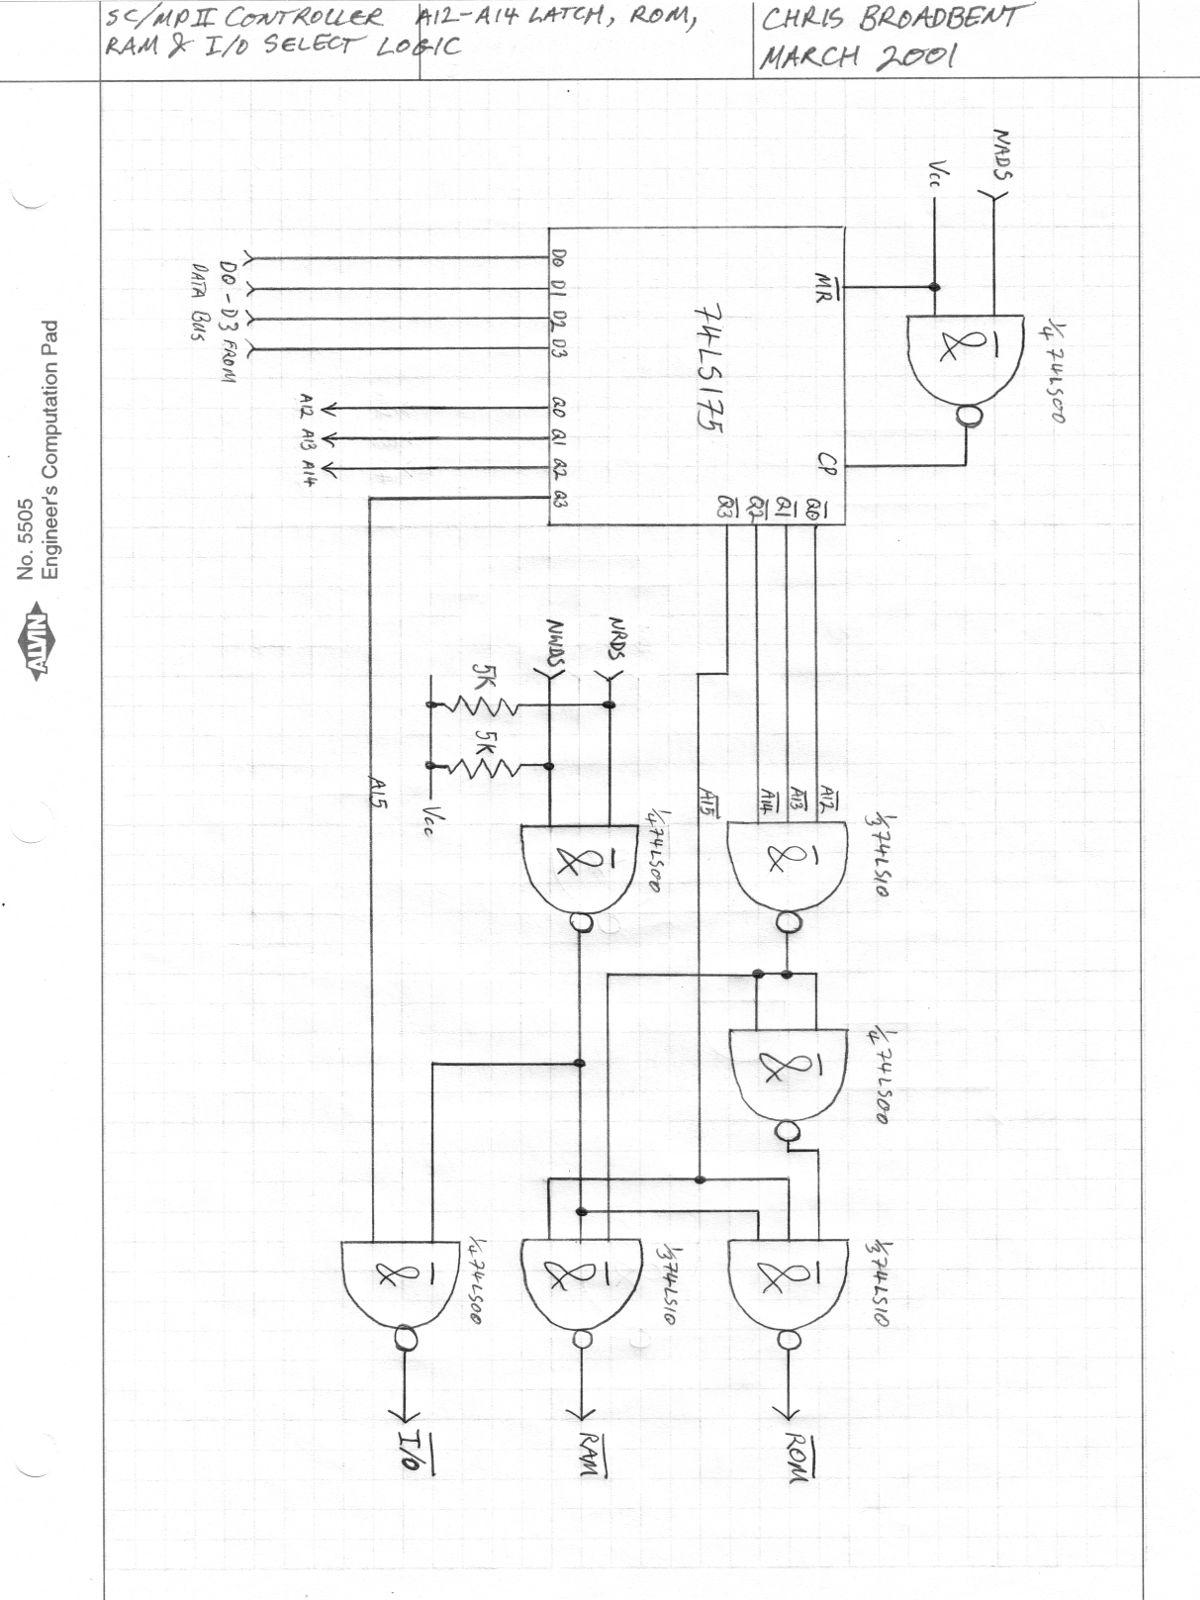 Circuit Diagrams For A Sc Mp Ii Nibl Single Board Mcu